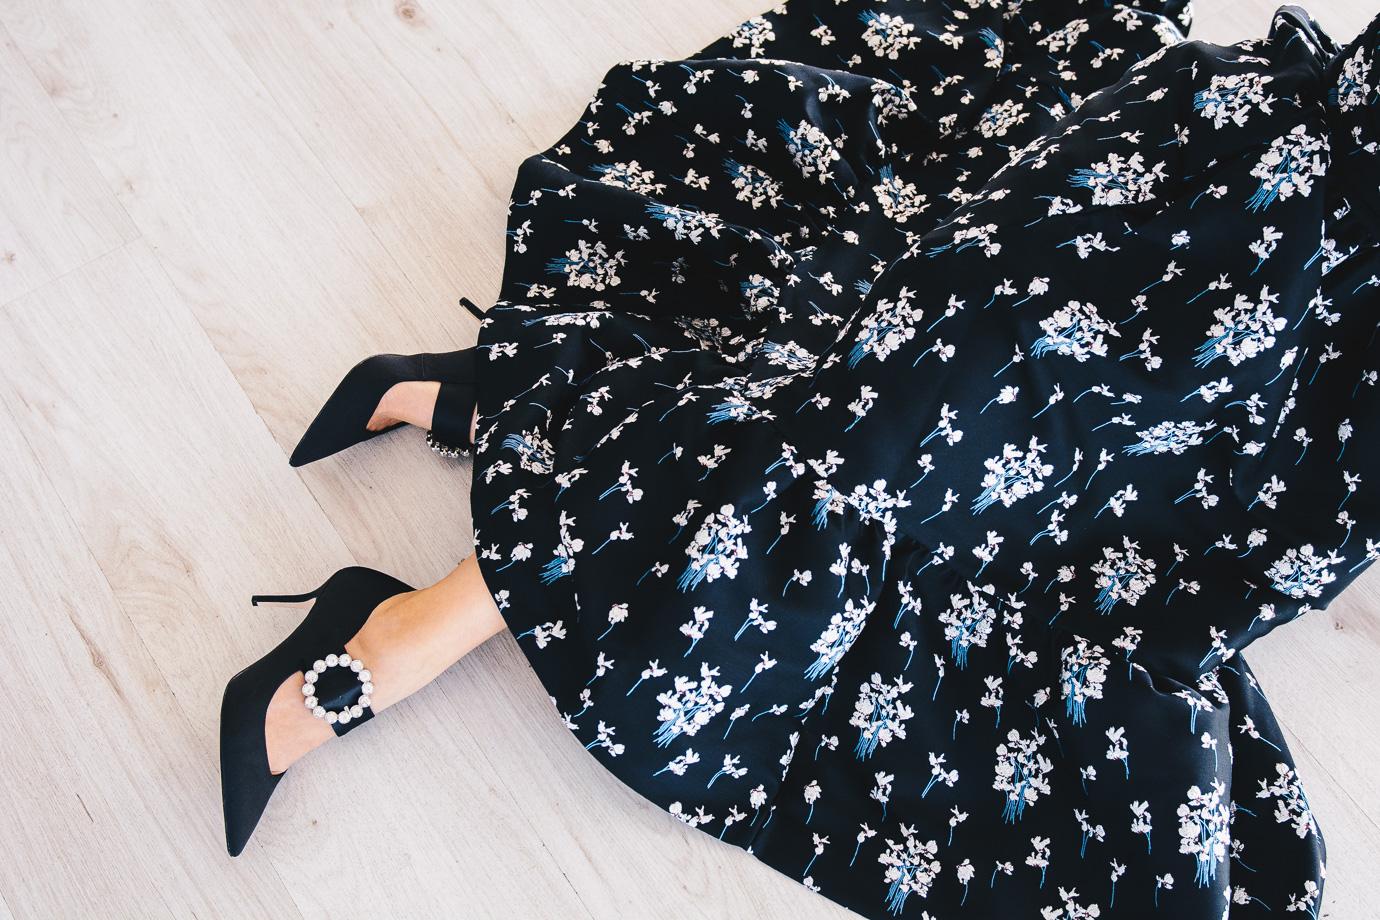 ERDEM H&M dress